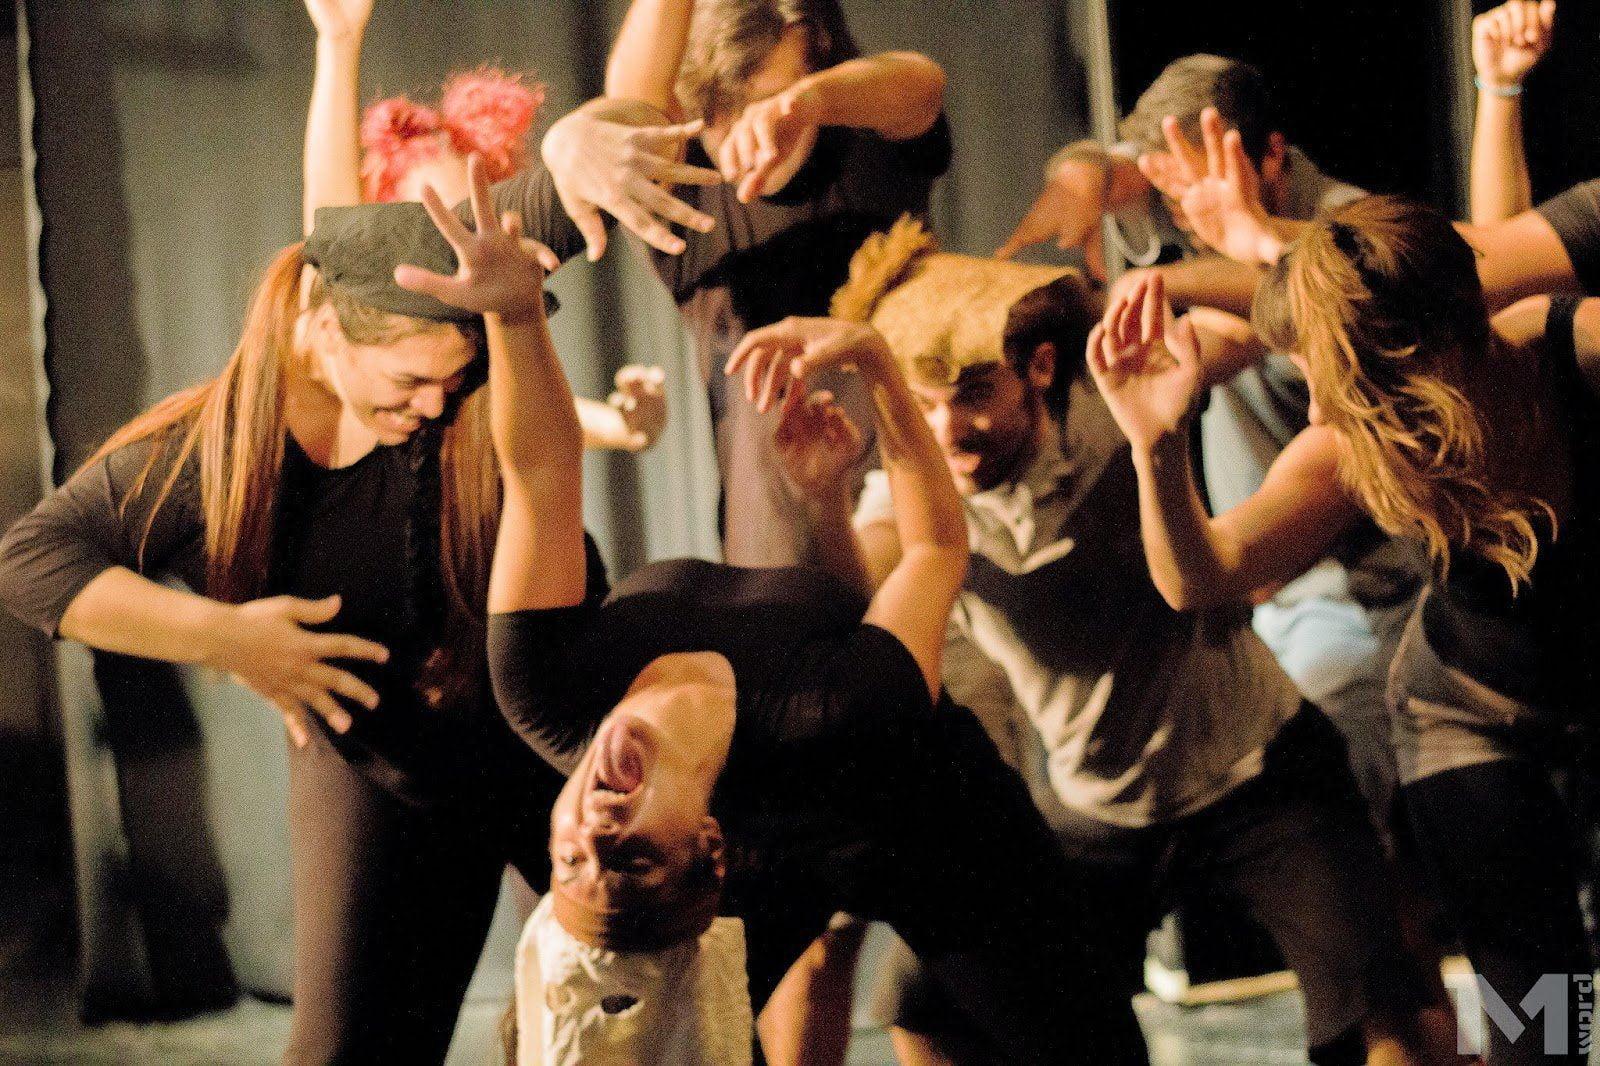 Σωματικό θέατρο: έννοιες και παρανοήσεις